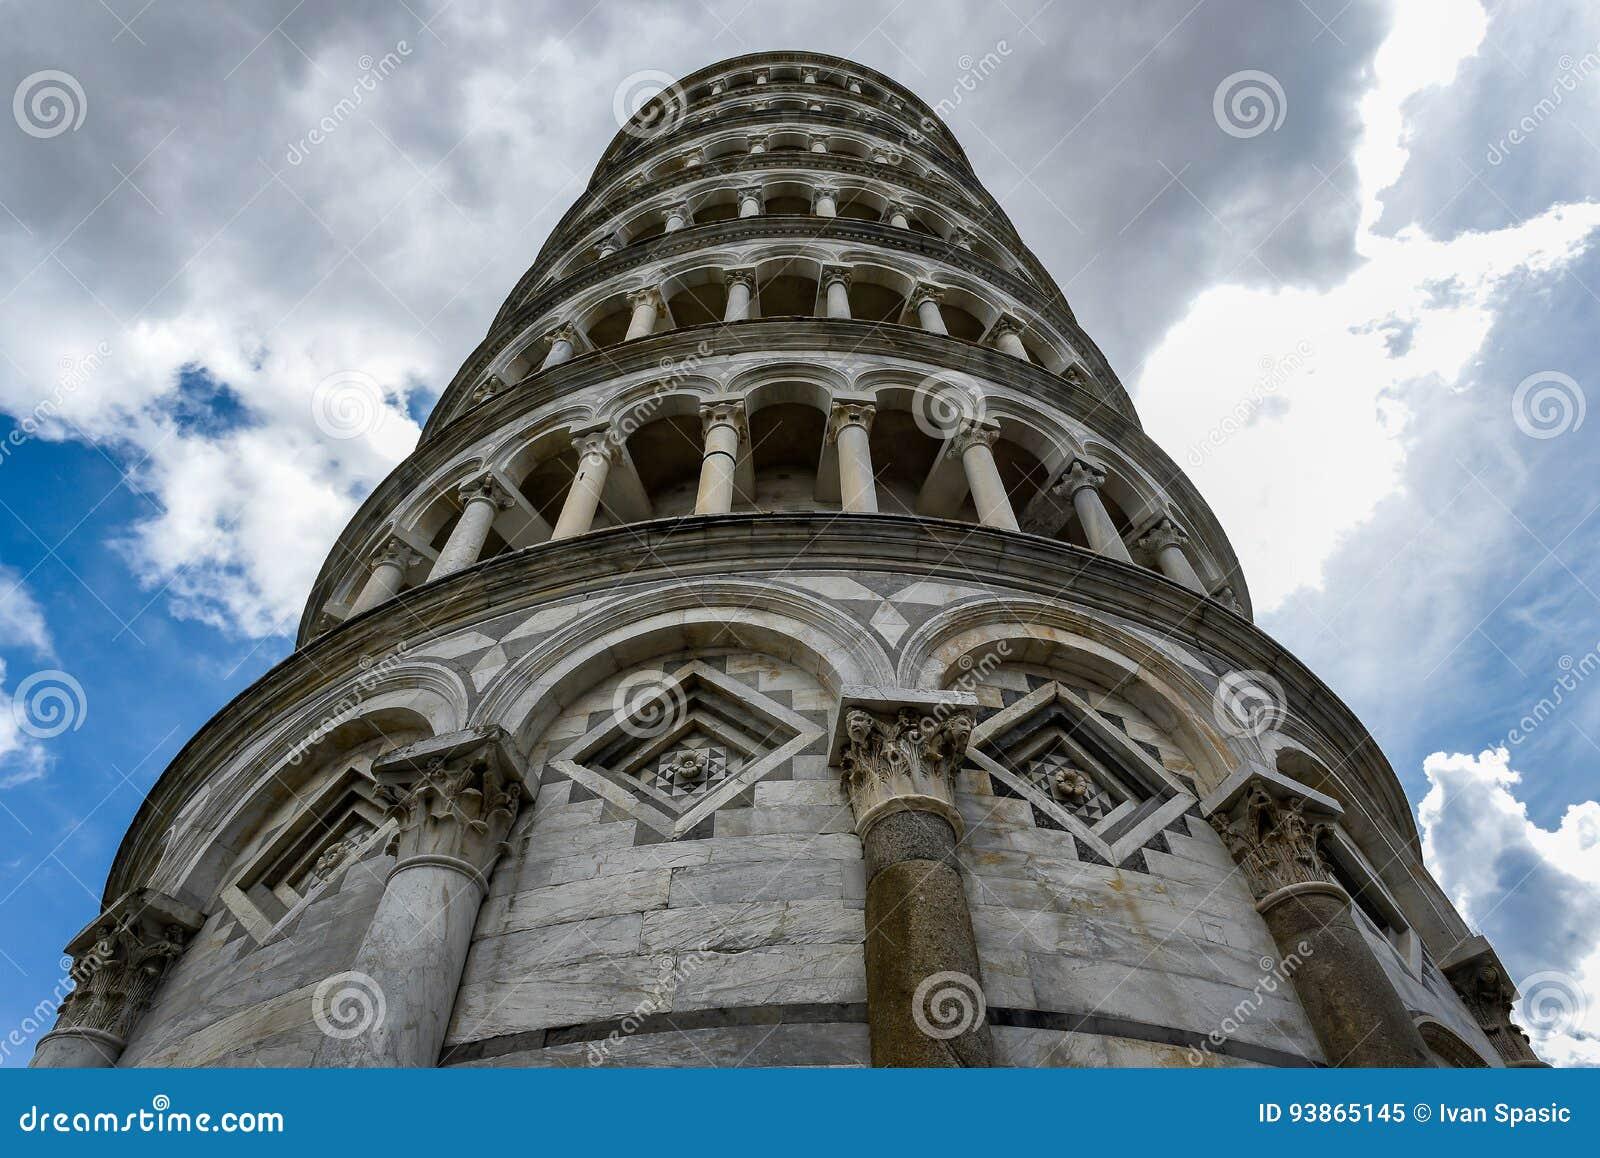 Башня склонности Пизы снизу